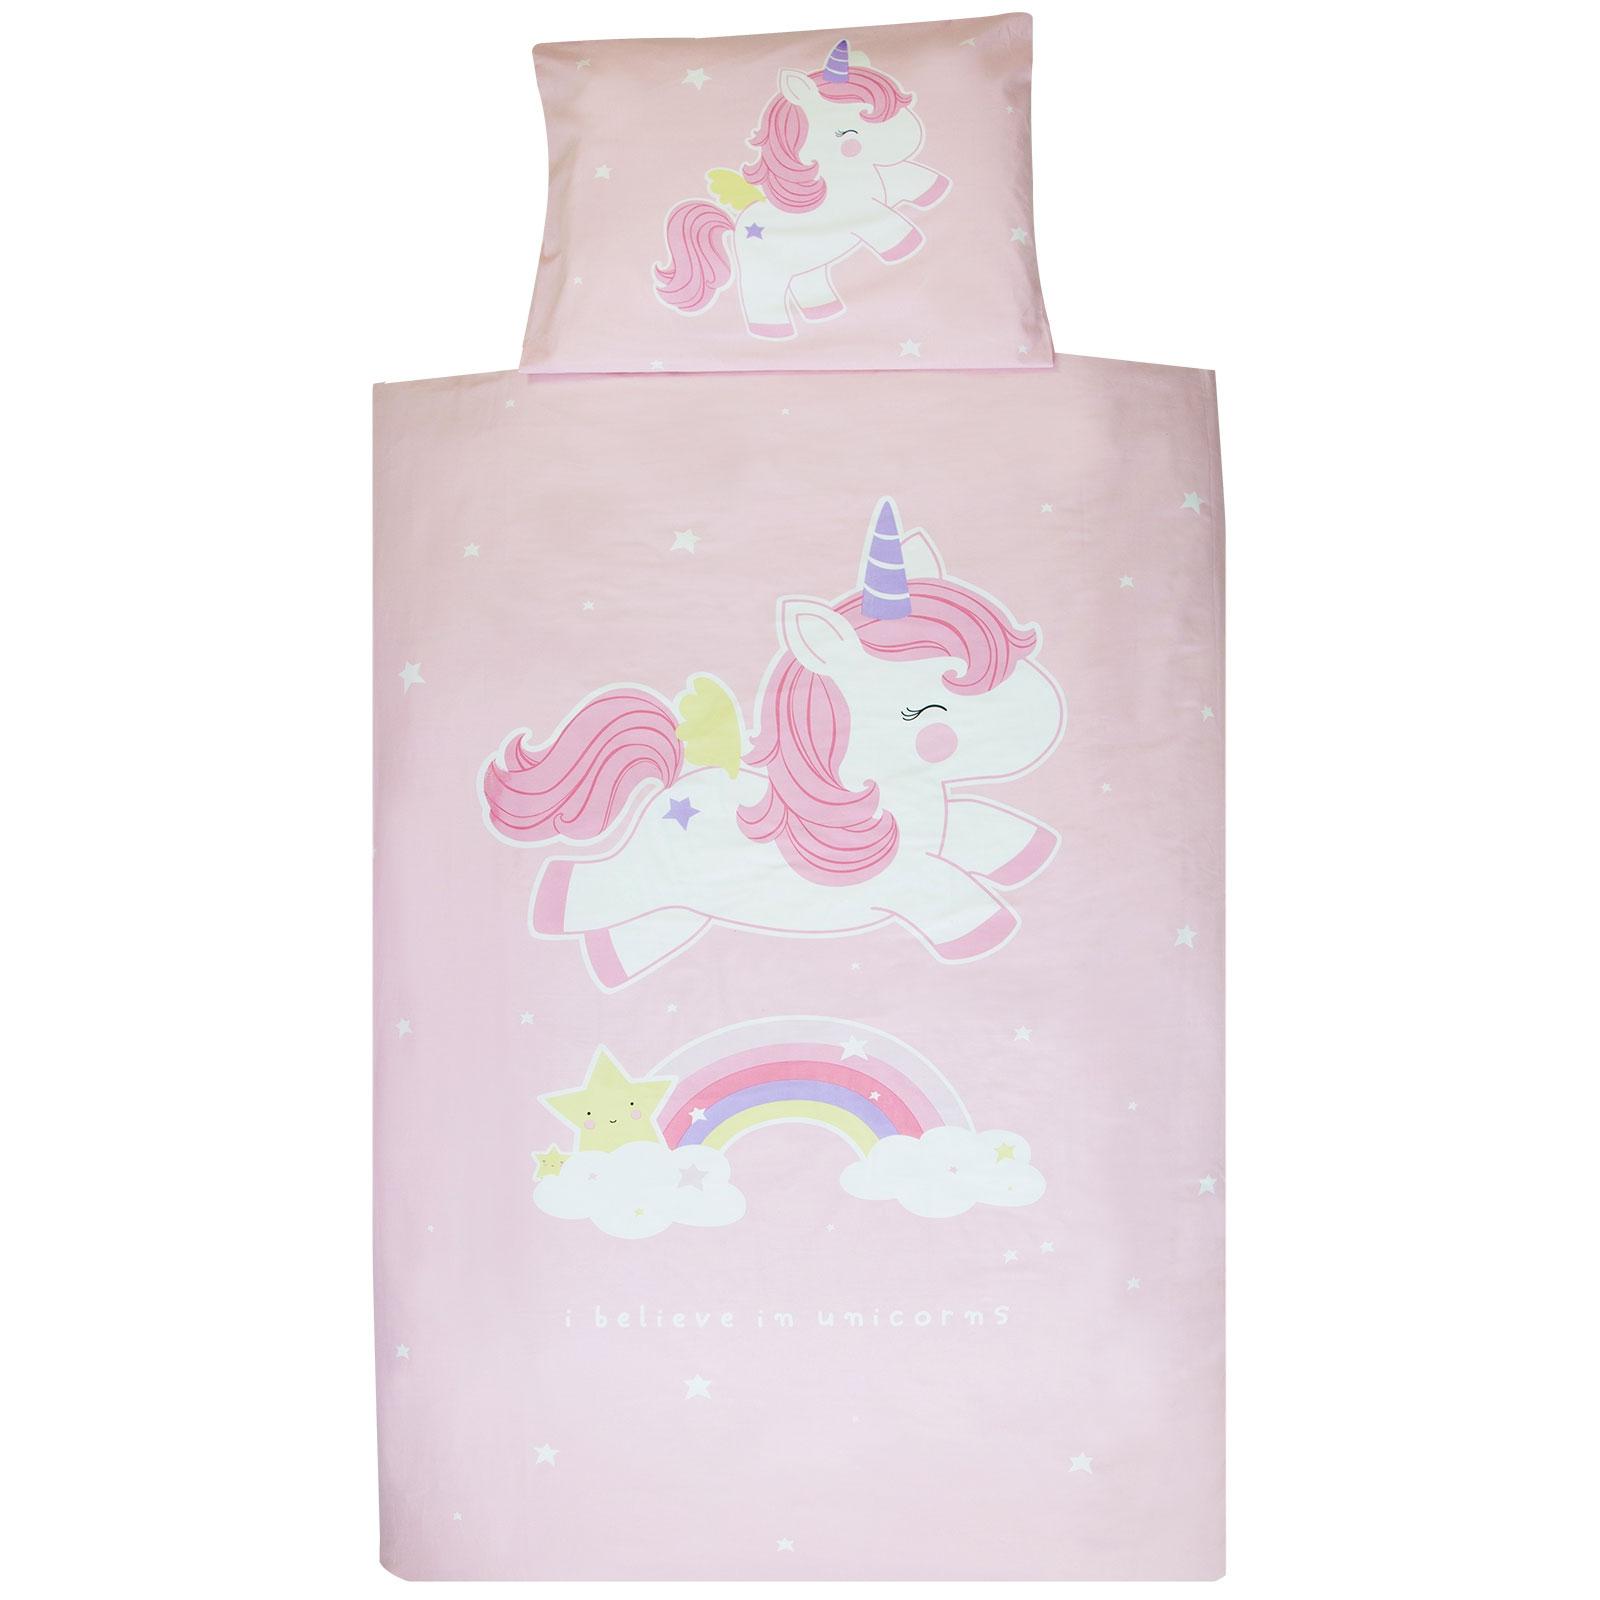 Linge pour lit enfant en 90 x 200 cm   Berceau magique